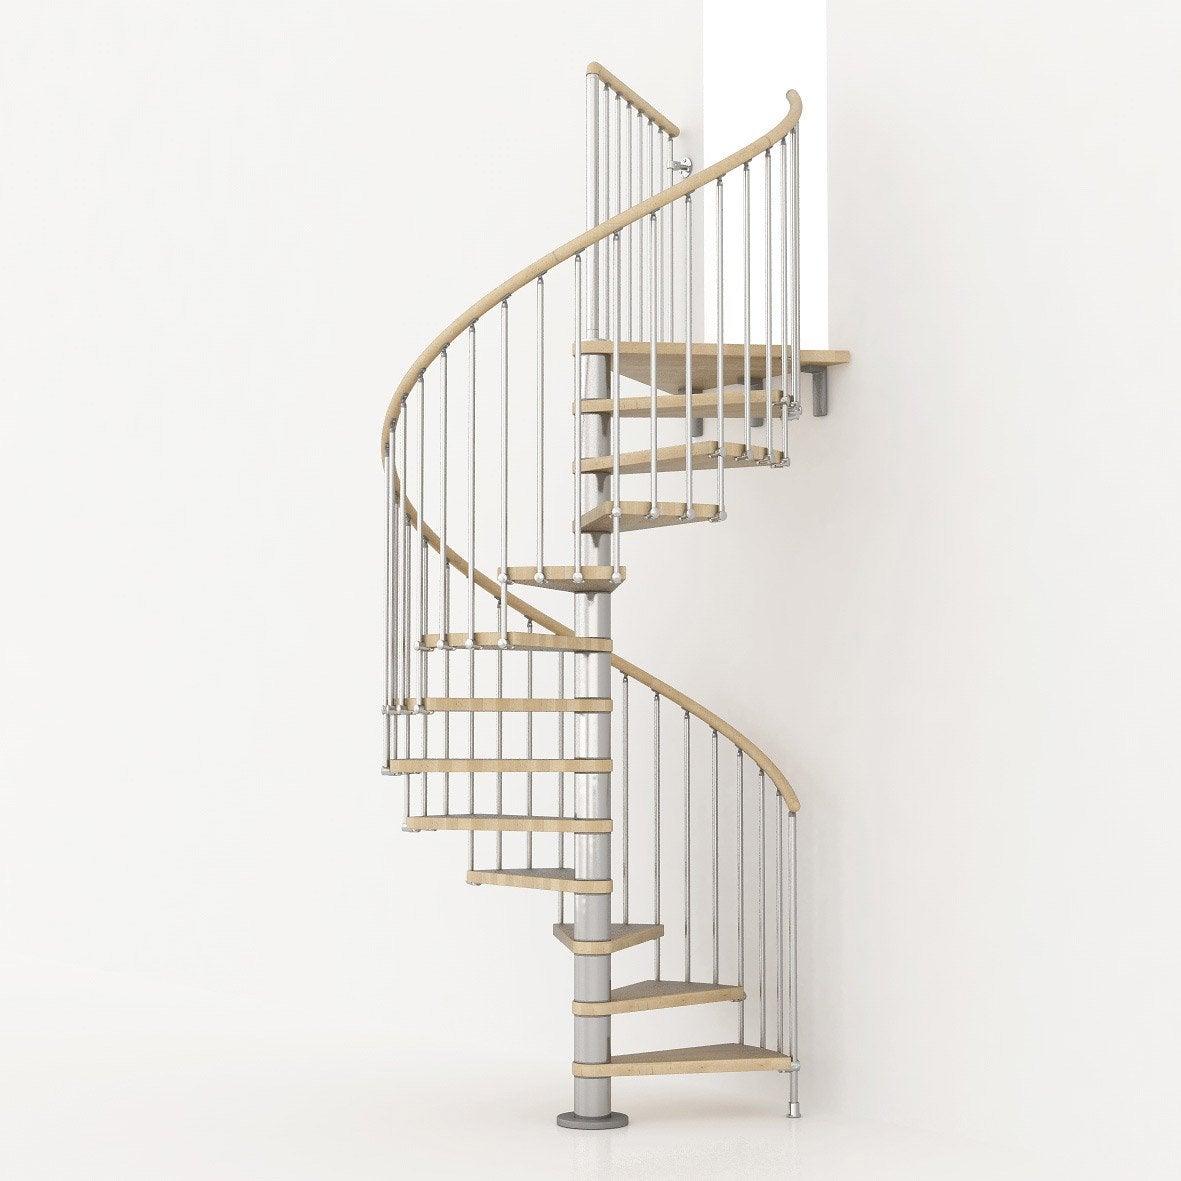 Escalier colima on rond ring structure m tal marche bois for Escalier bois exterieur prix